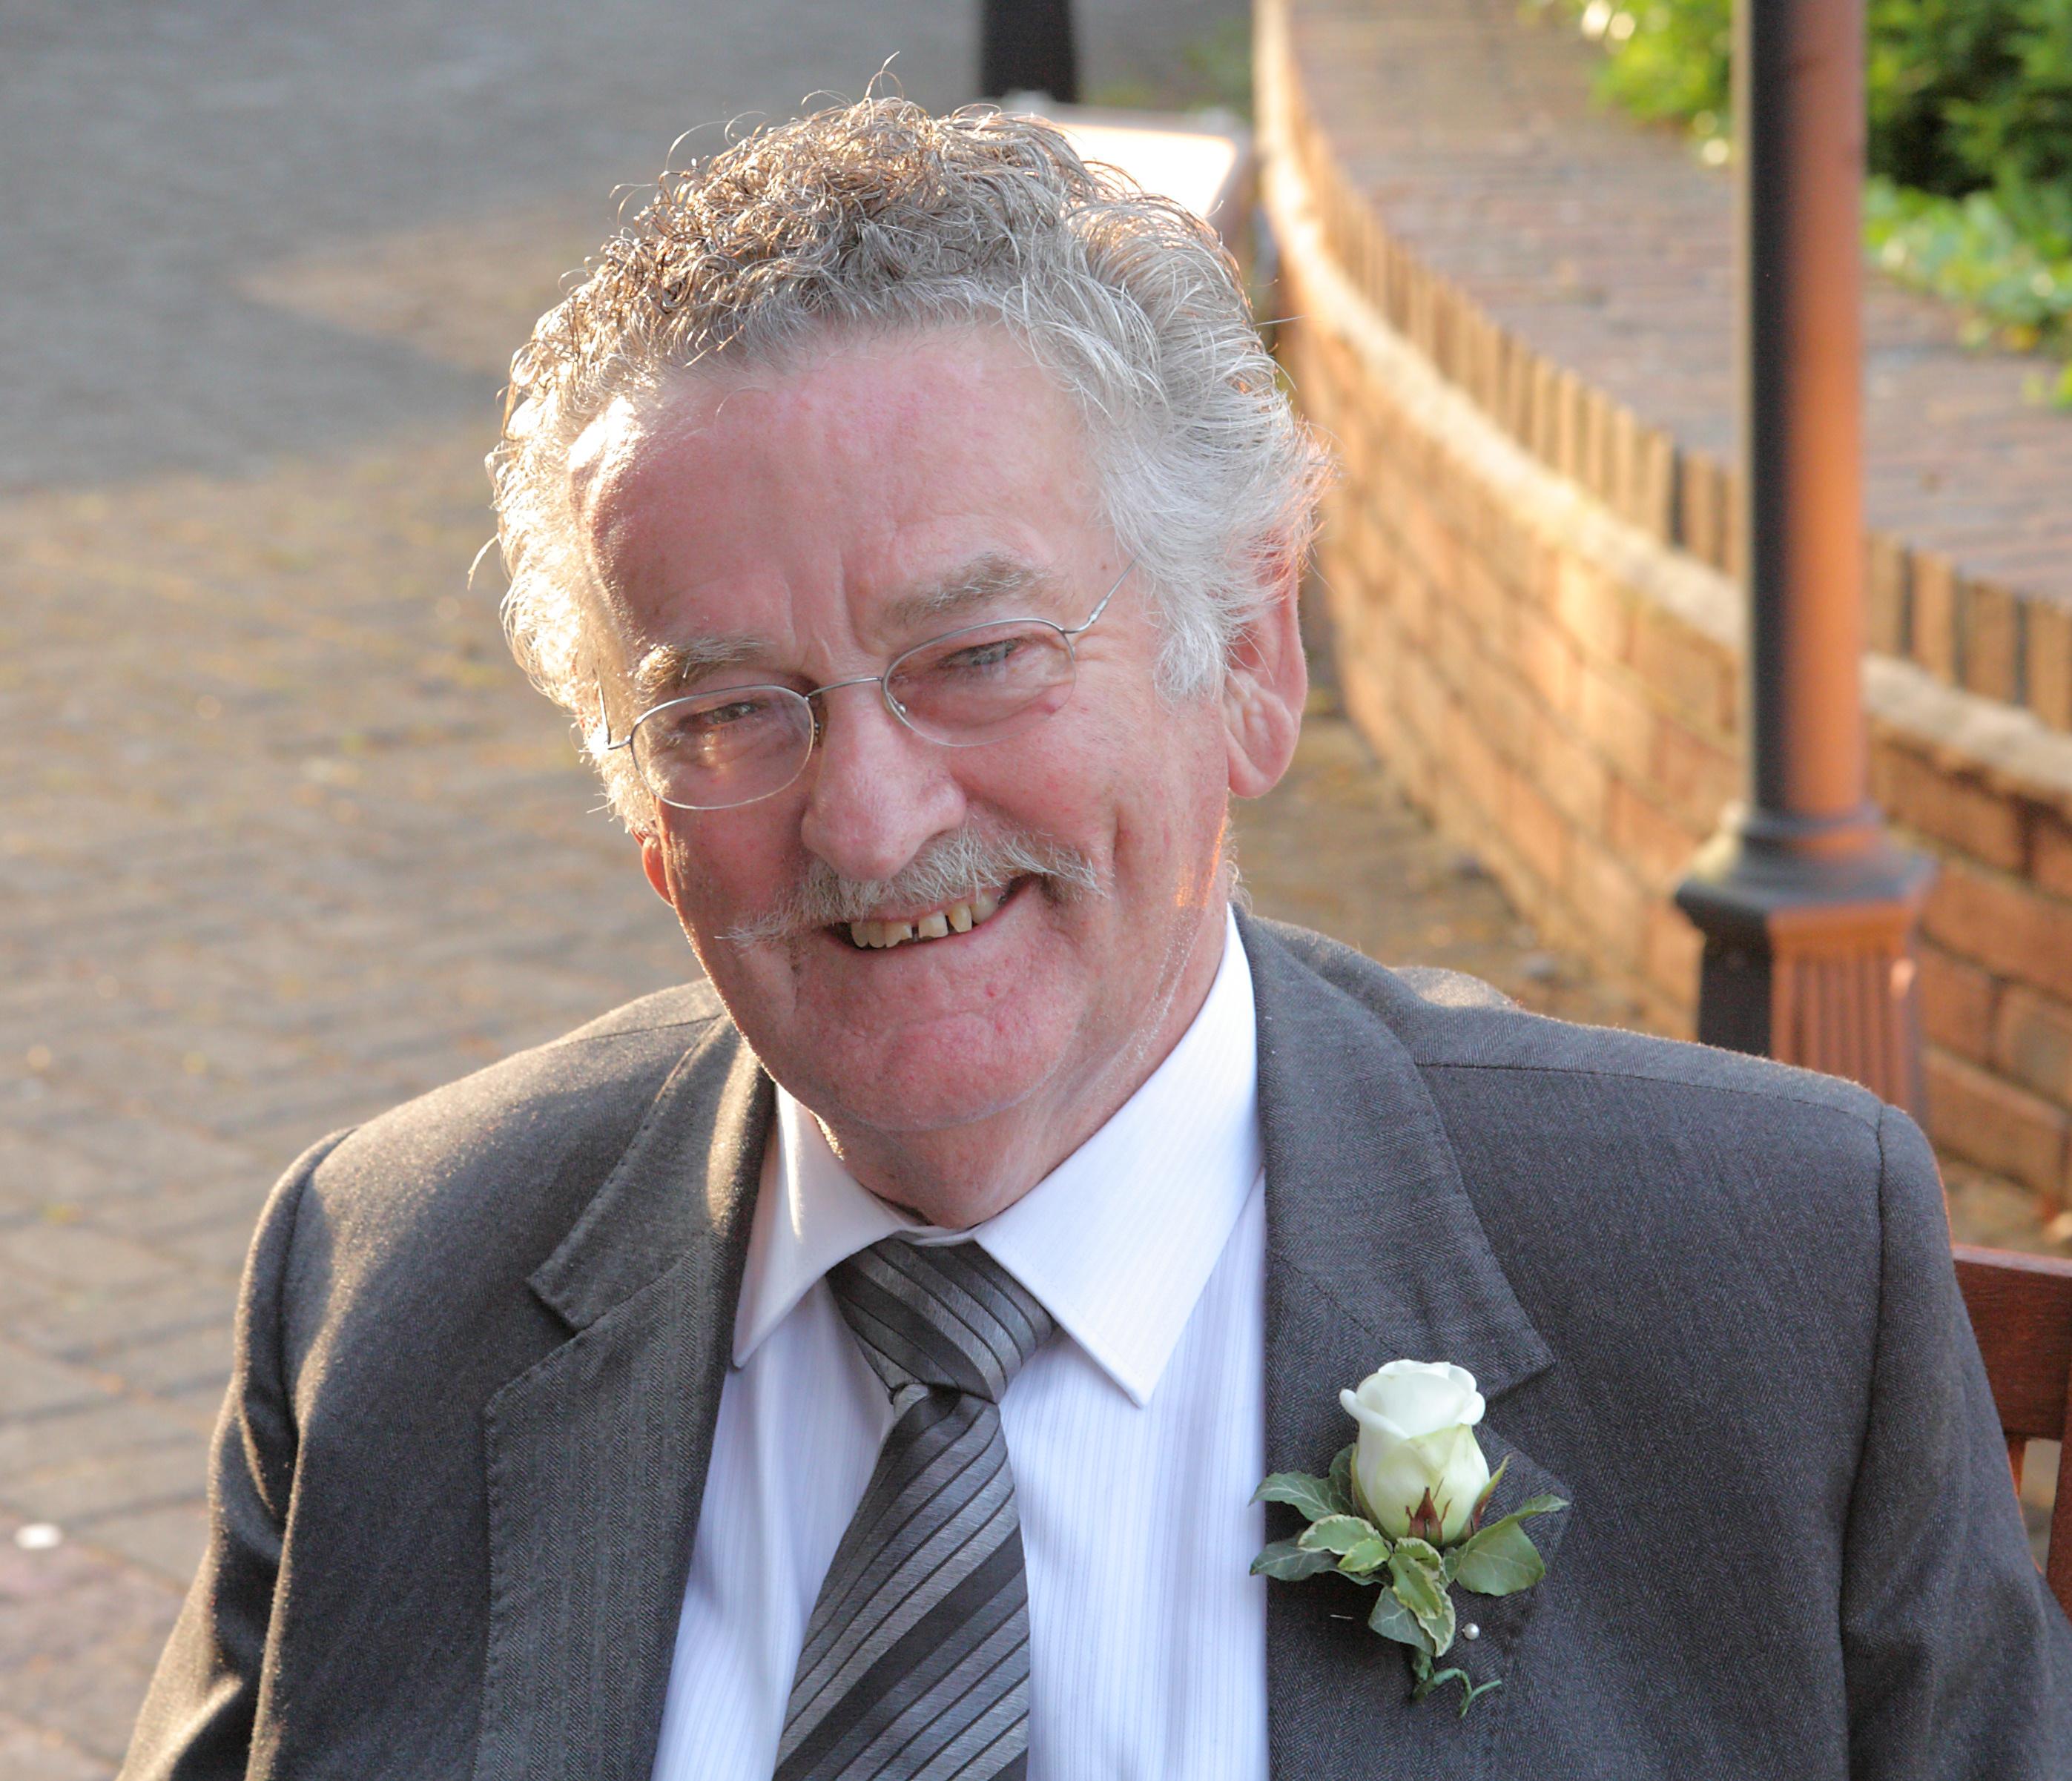 Kenneth Daly